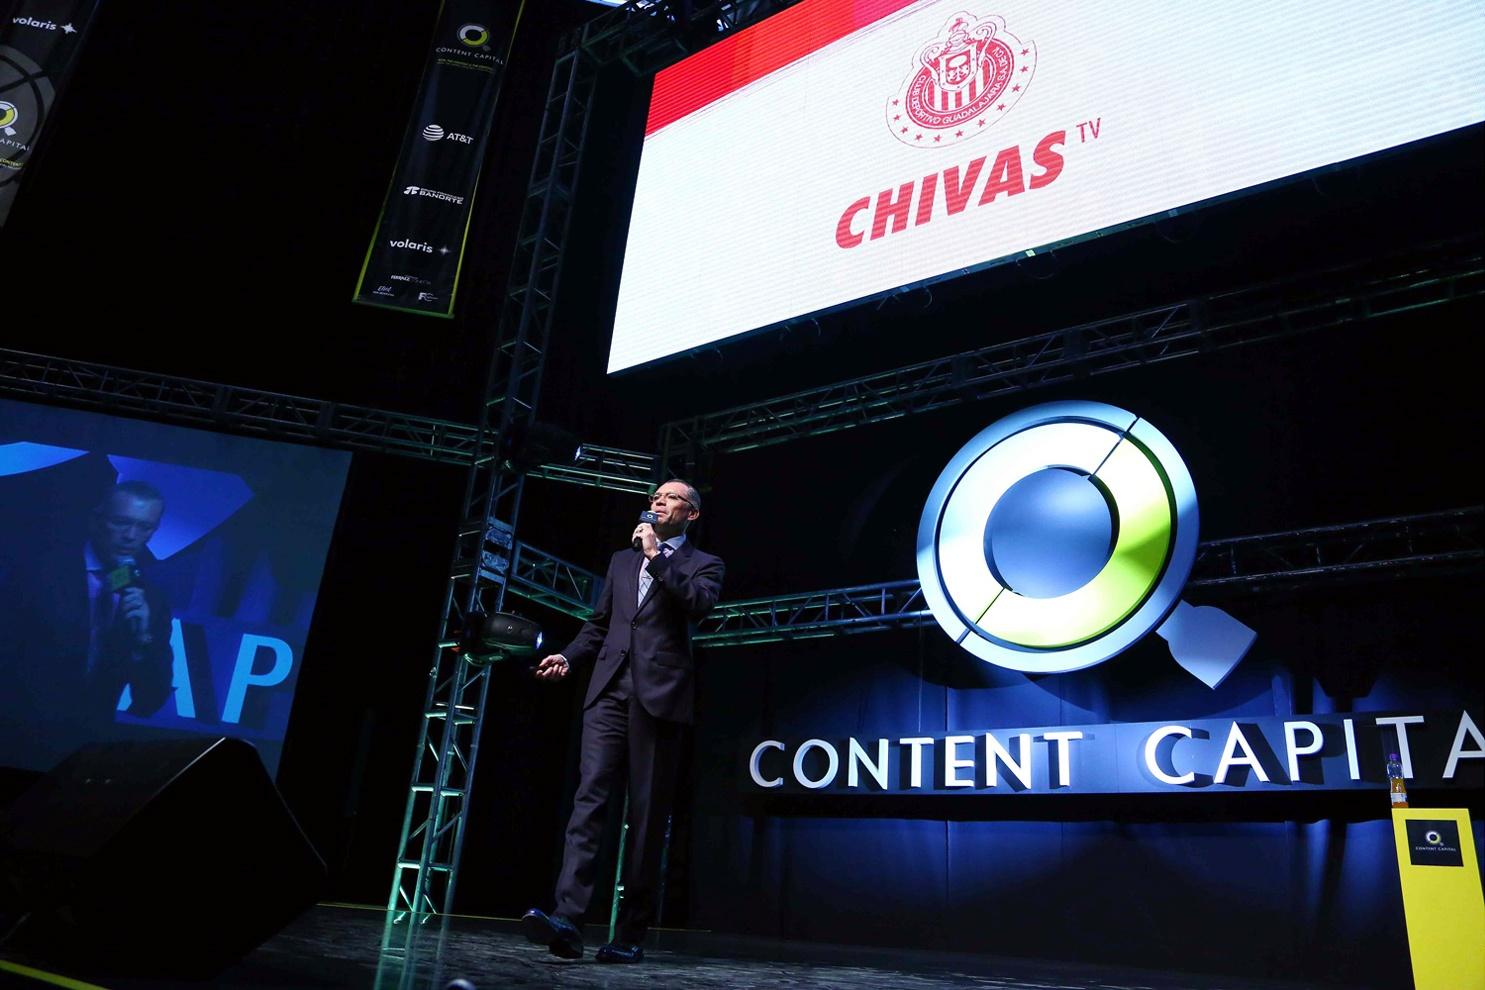 José Luis Higuera presentando Chivas TV en Content Capital.